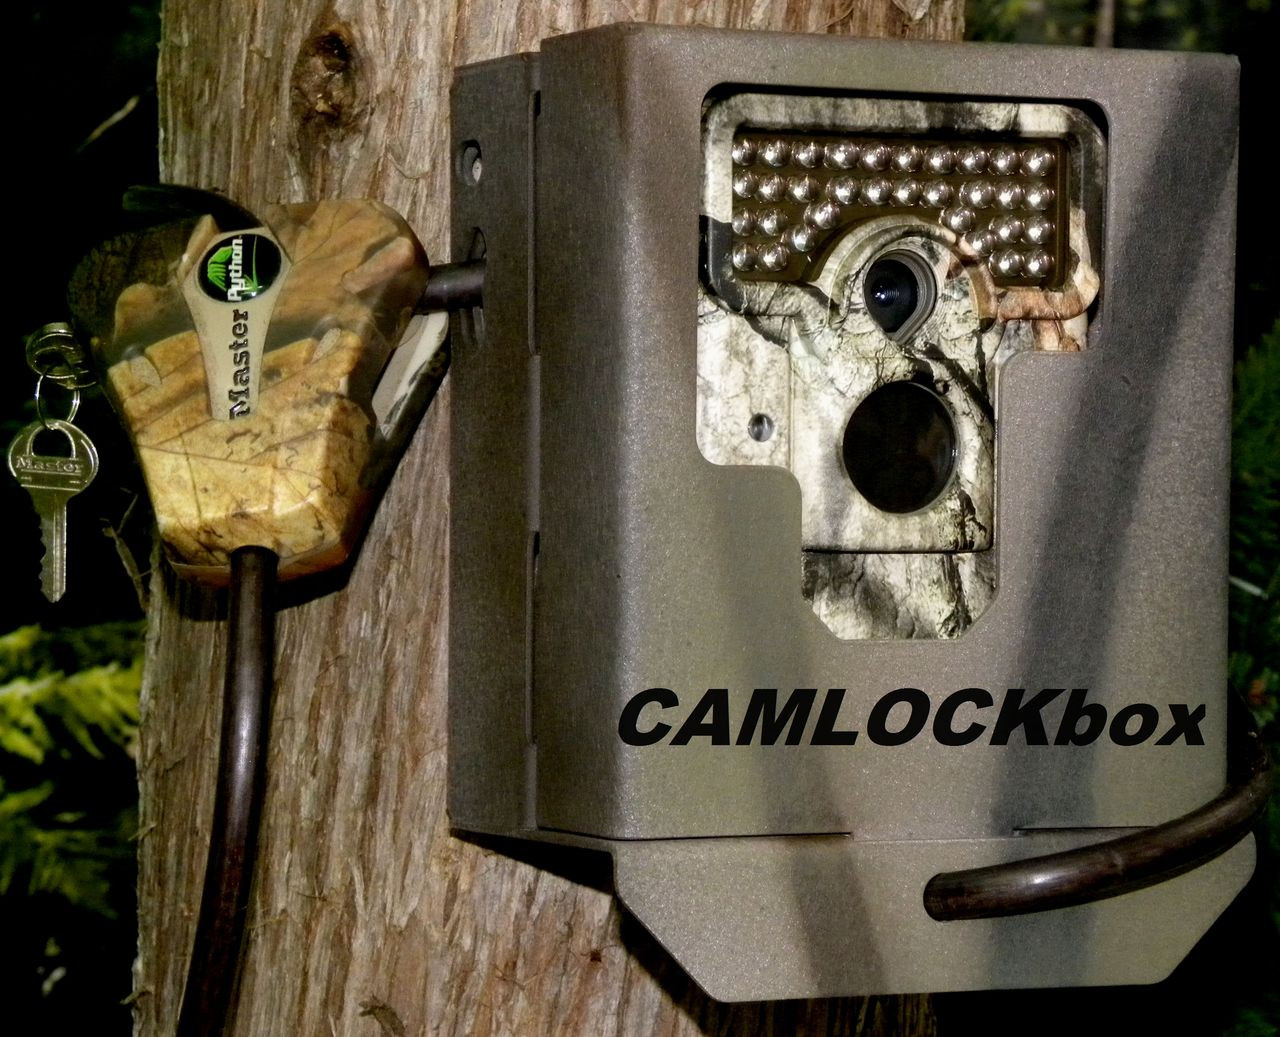 CAMLOCKbox Security Box fits Moultrie M-888i Digital Game Camera